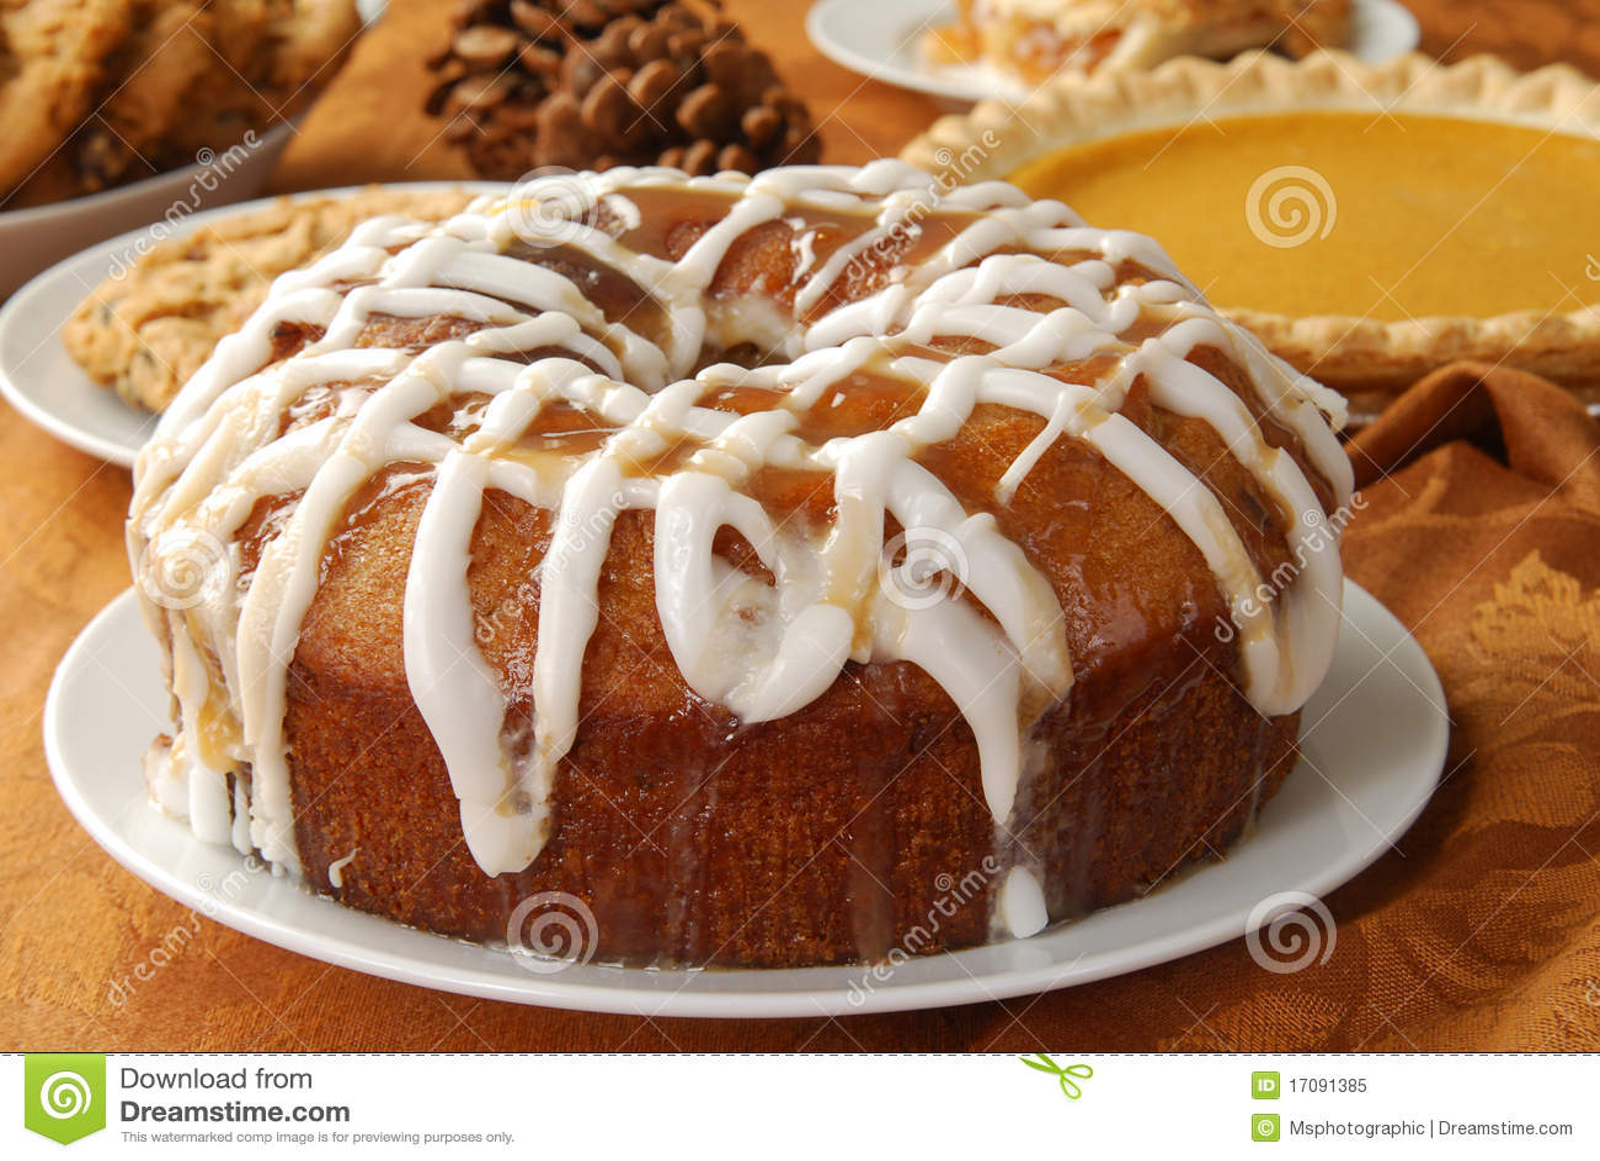 äpplebundtcake